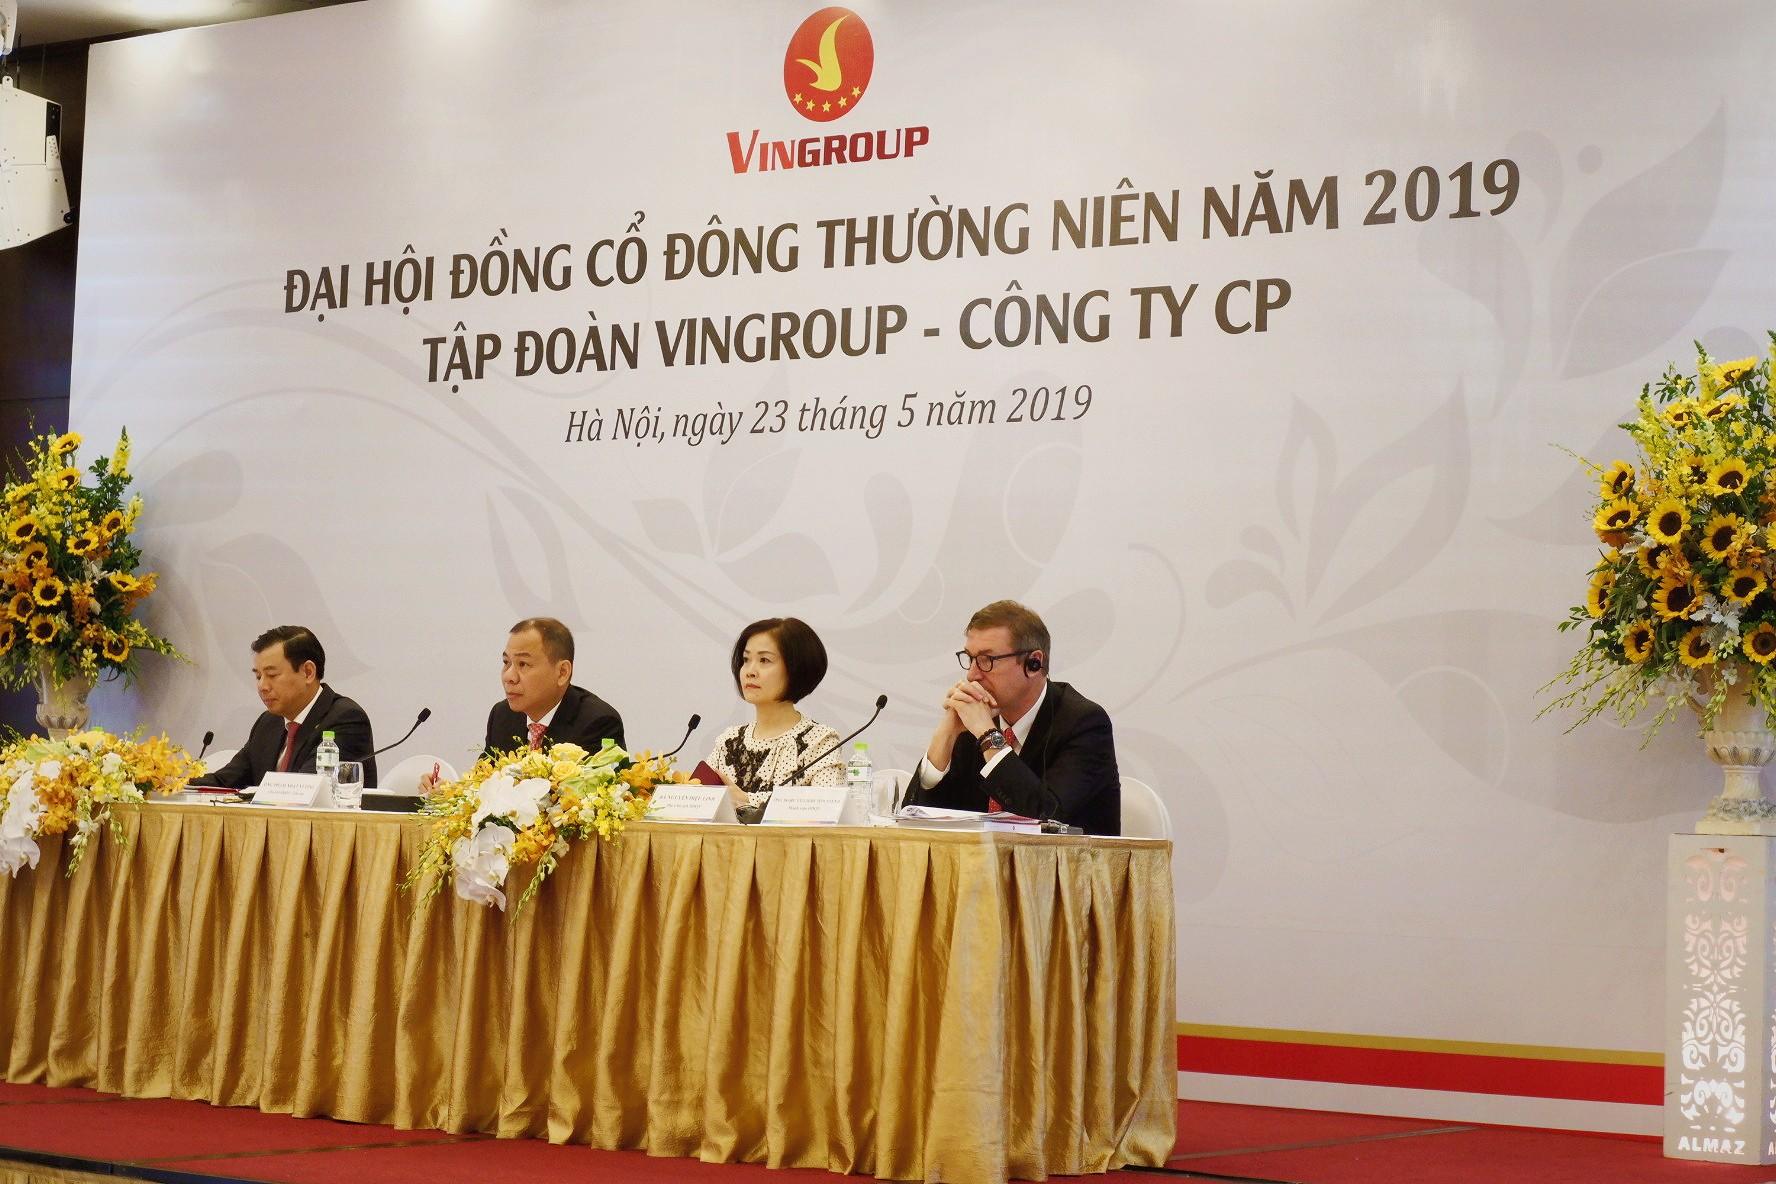 ĐHĐCĐ Vingroup: Kế hoạch doanh thu 140.000 tỉ đồng năm 2019, tăng trưởng 15% - Ảnh 1.